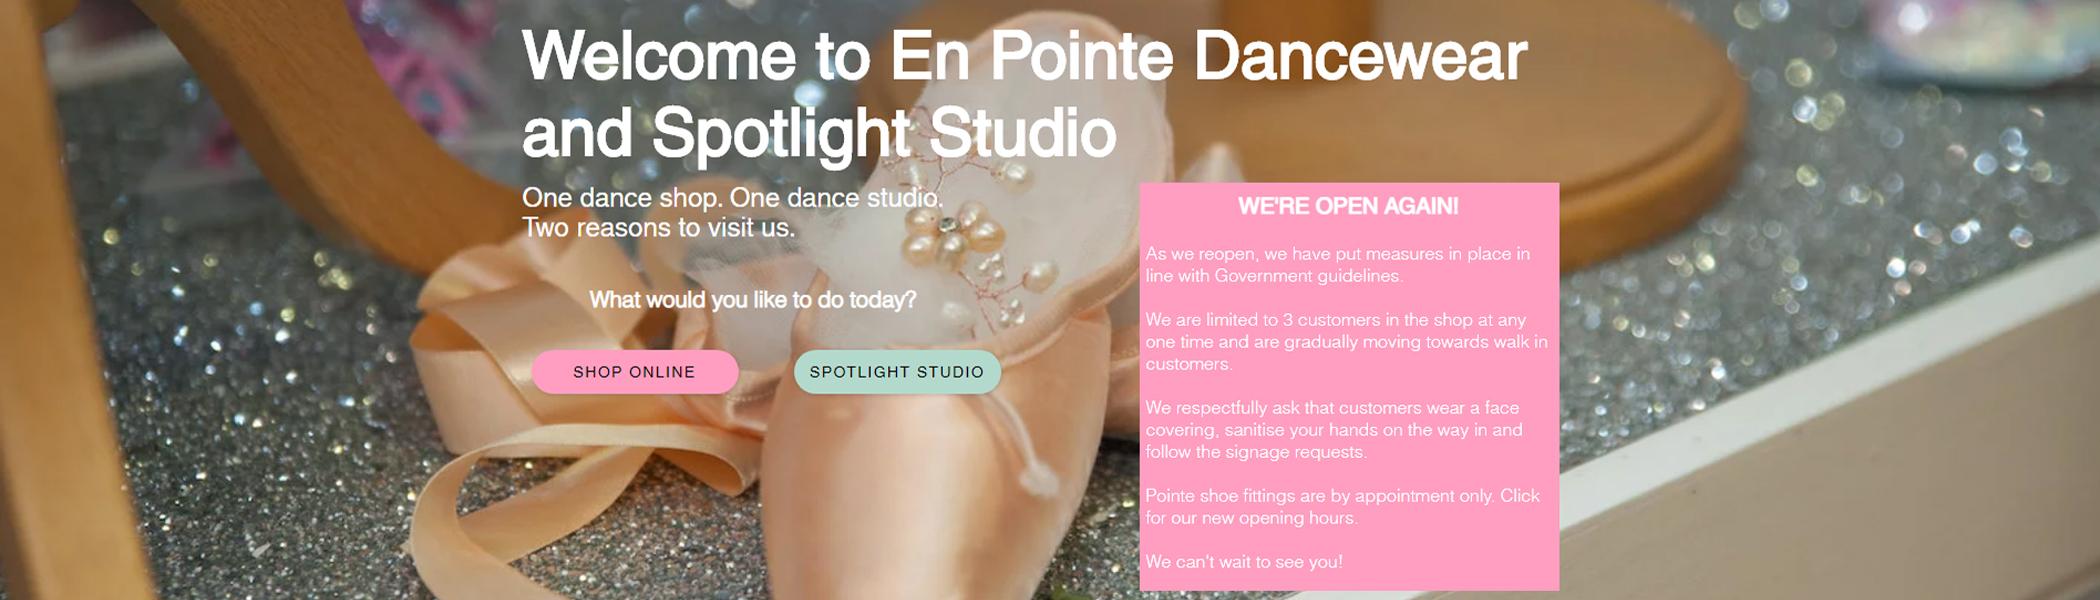 En Pointe Dancewear in the Vale